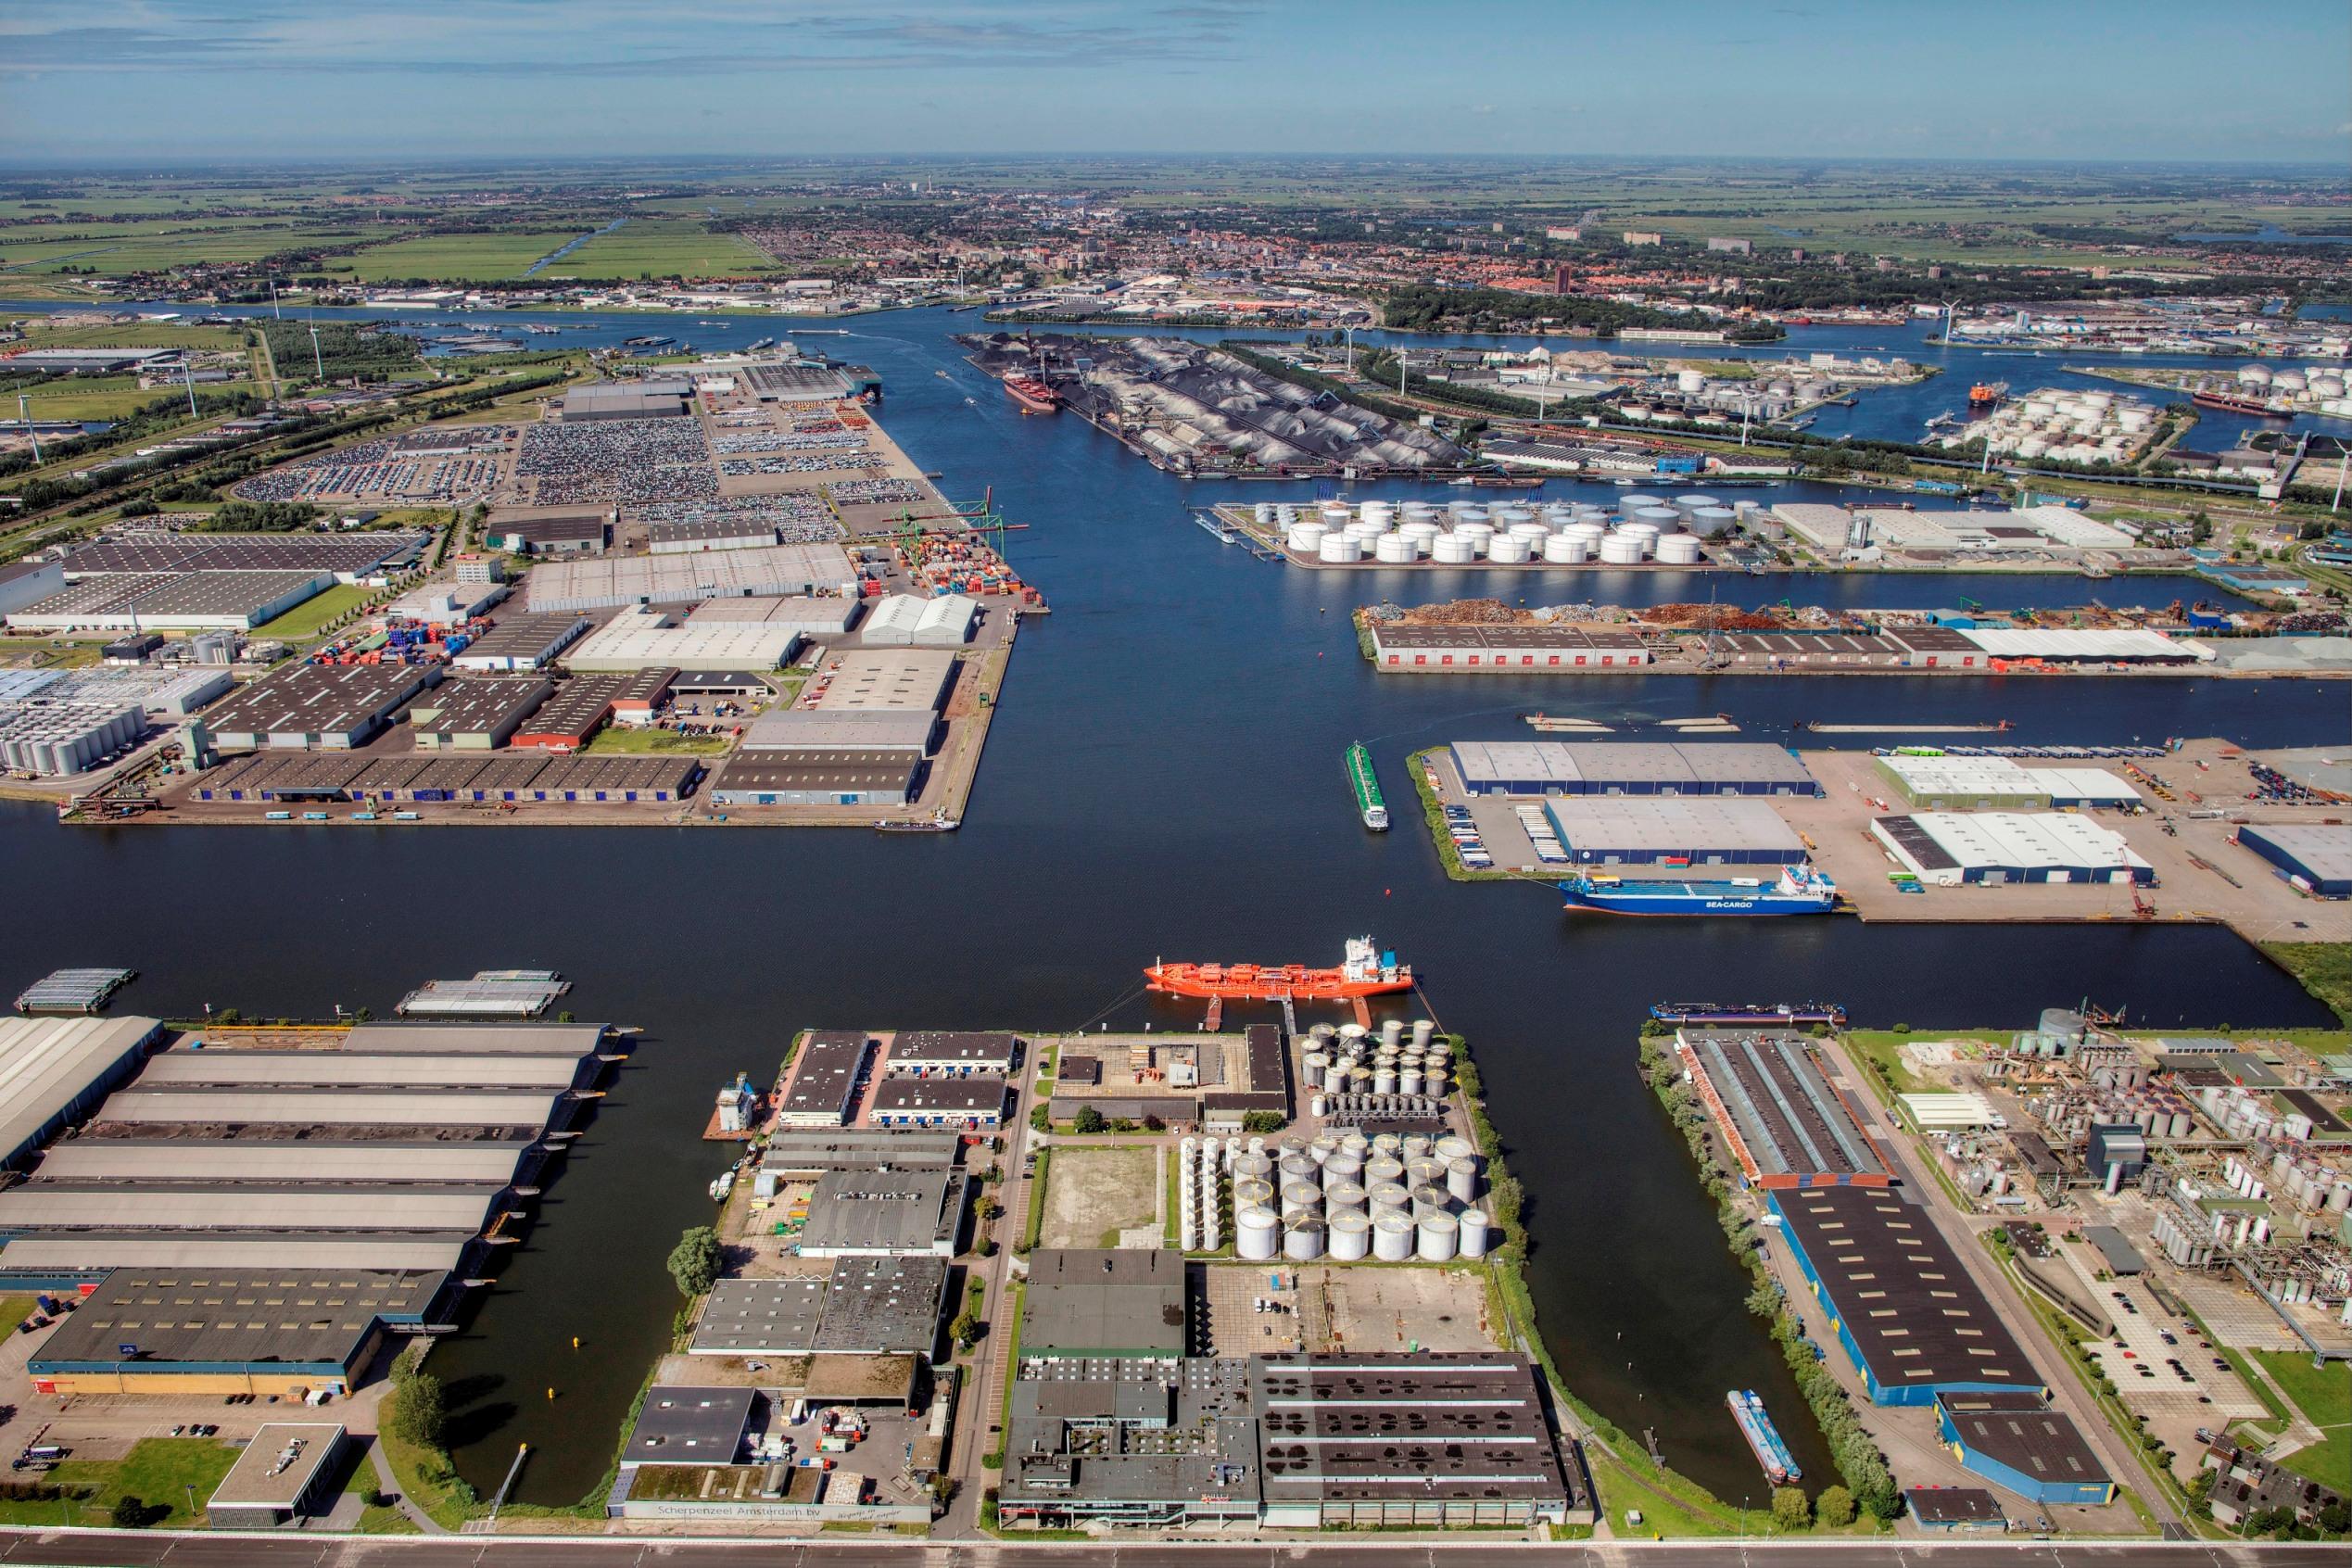 Το λιμάνι του Άμστερνταμ θα γίνει «πράσινο» έως το 2030